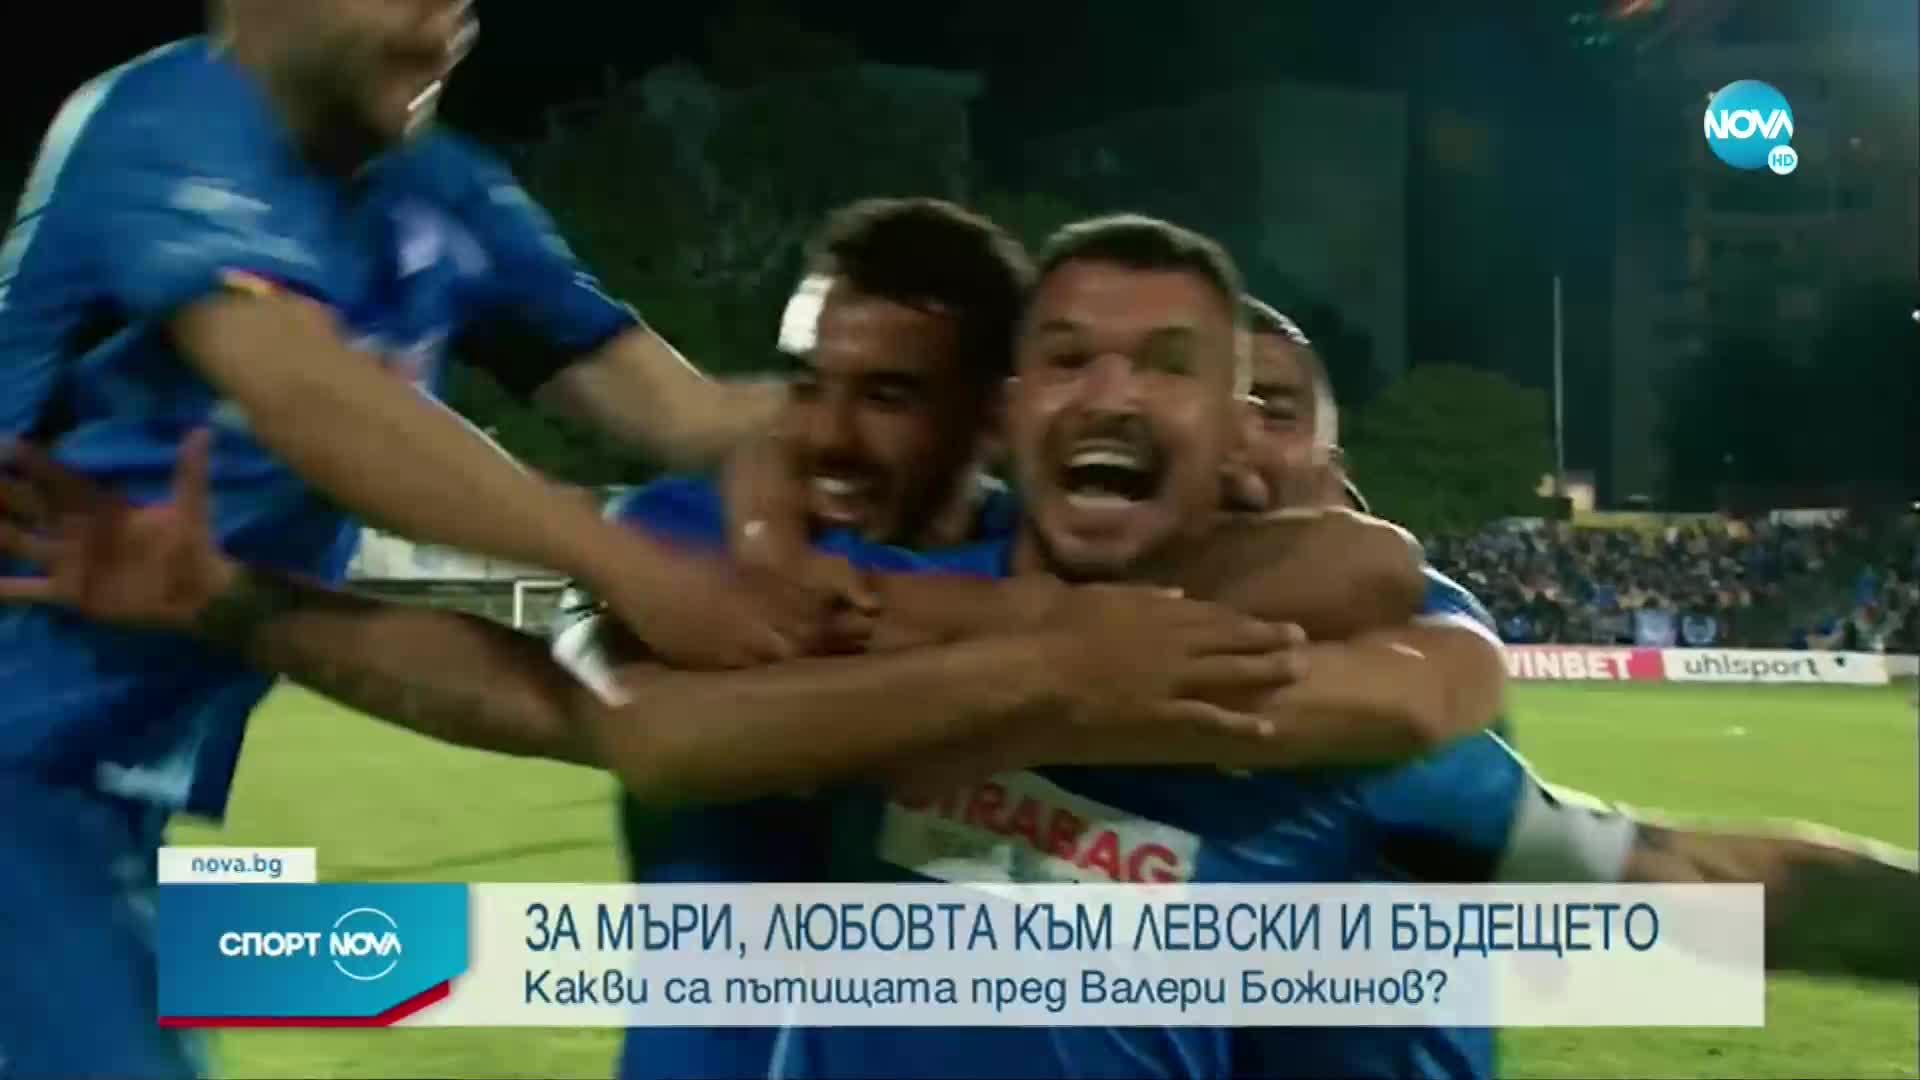 Божинов: Съжалявам, че няма да работя с най-добрия треньор в България